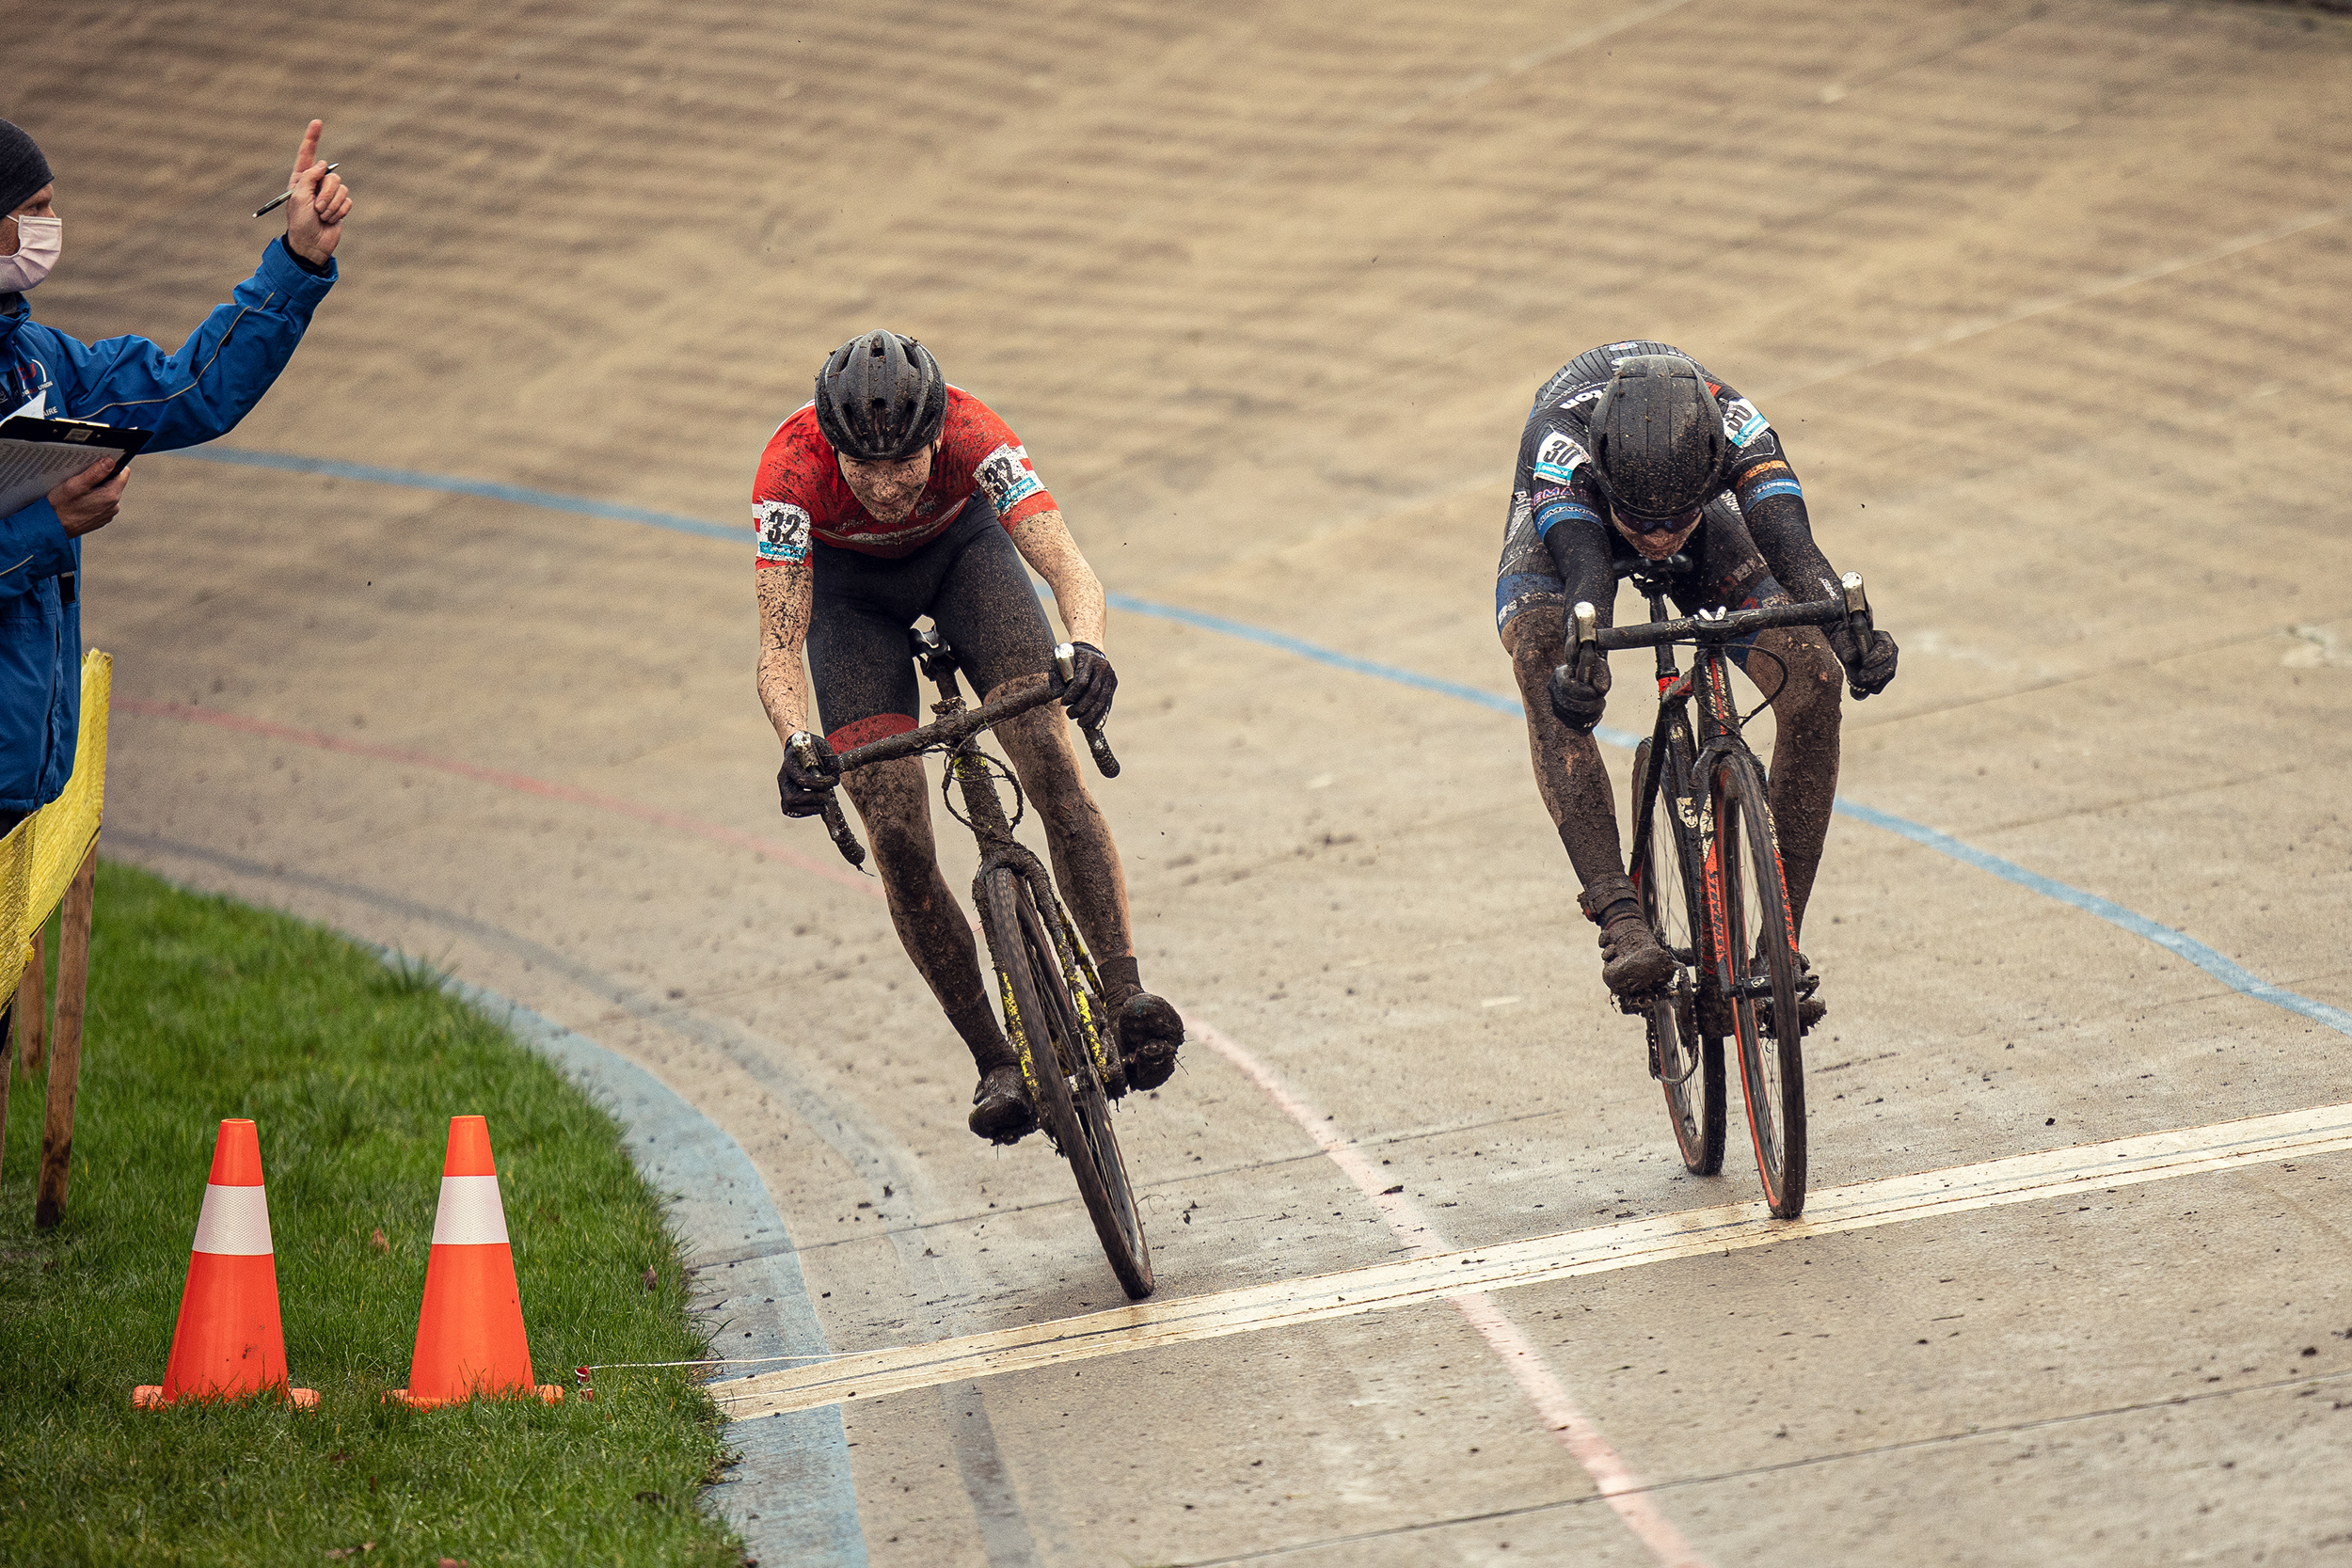 008 DM Cykelcross 2021 Aarhus